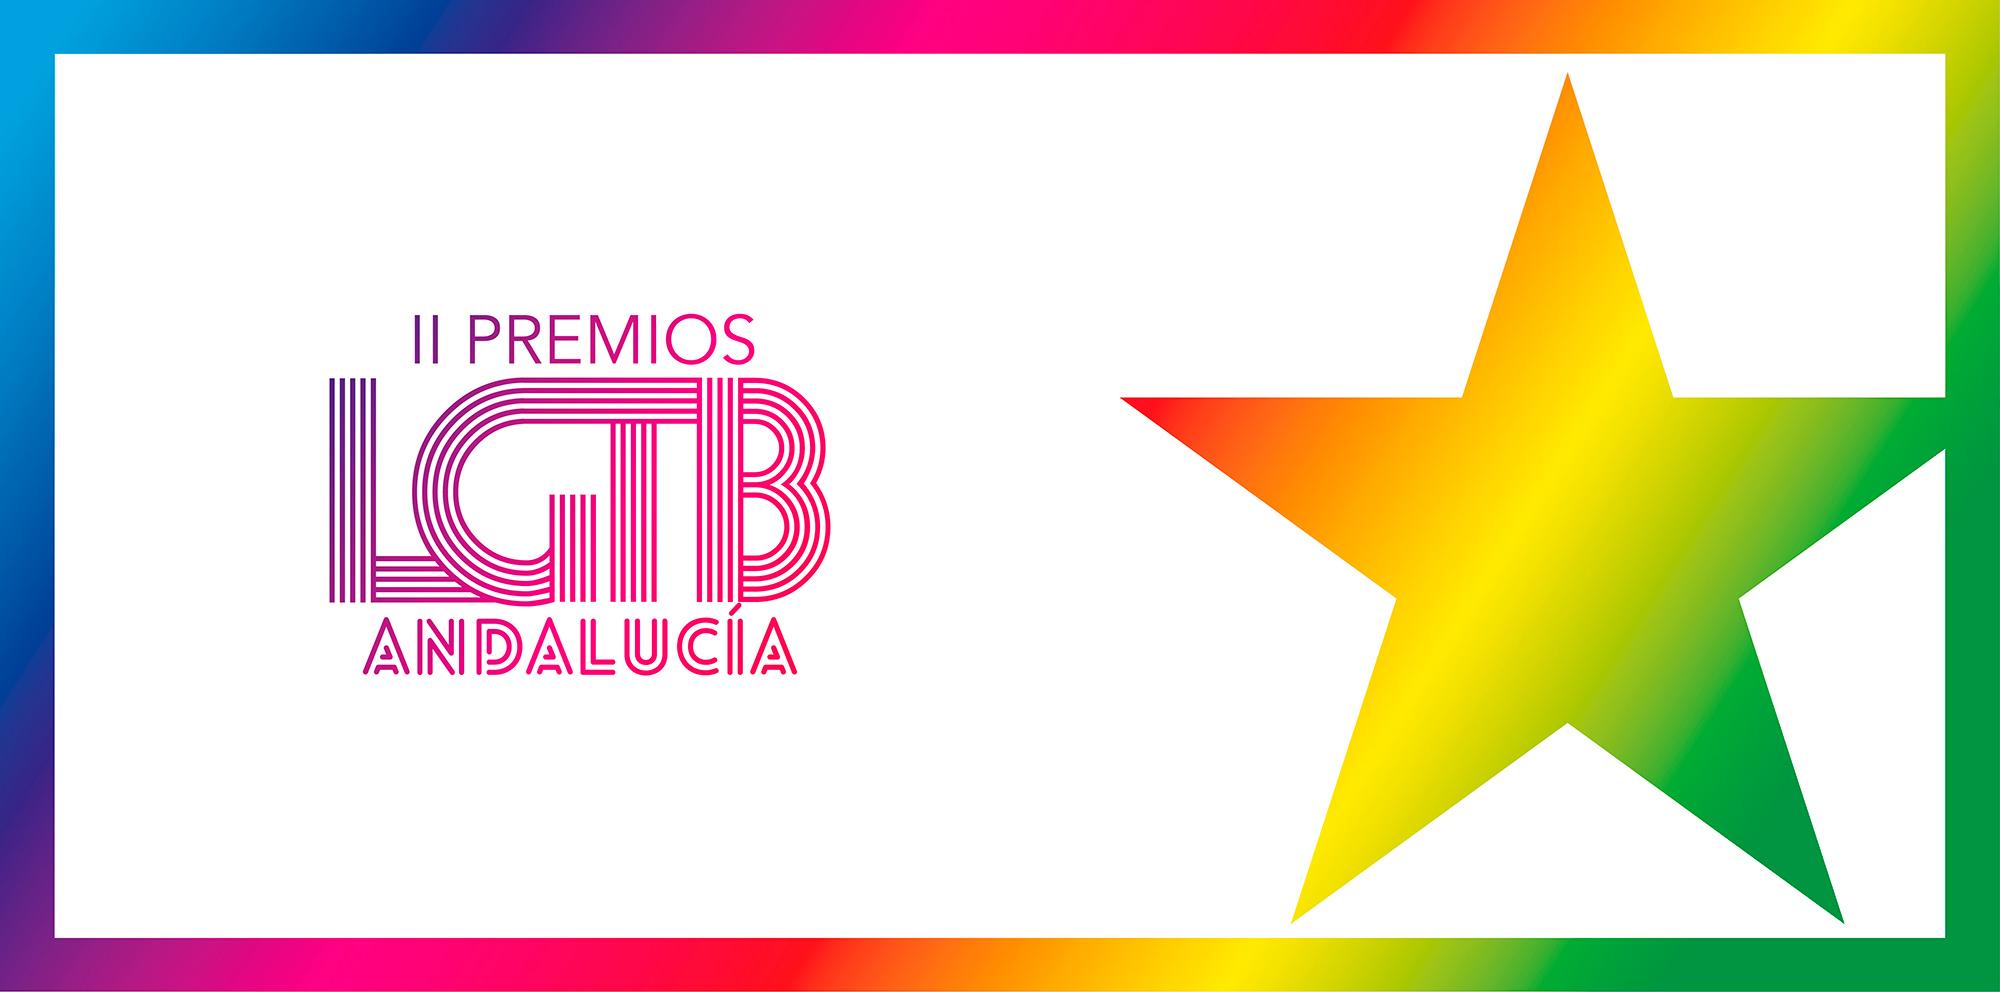 Actividades Premios LGTB Andalucía